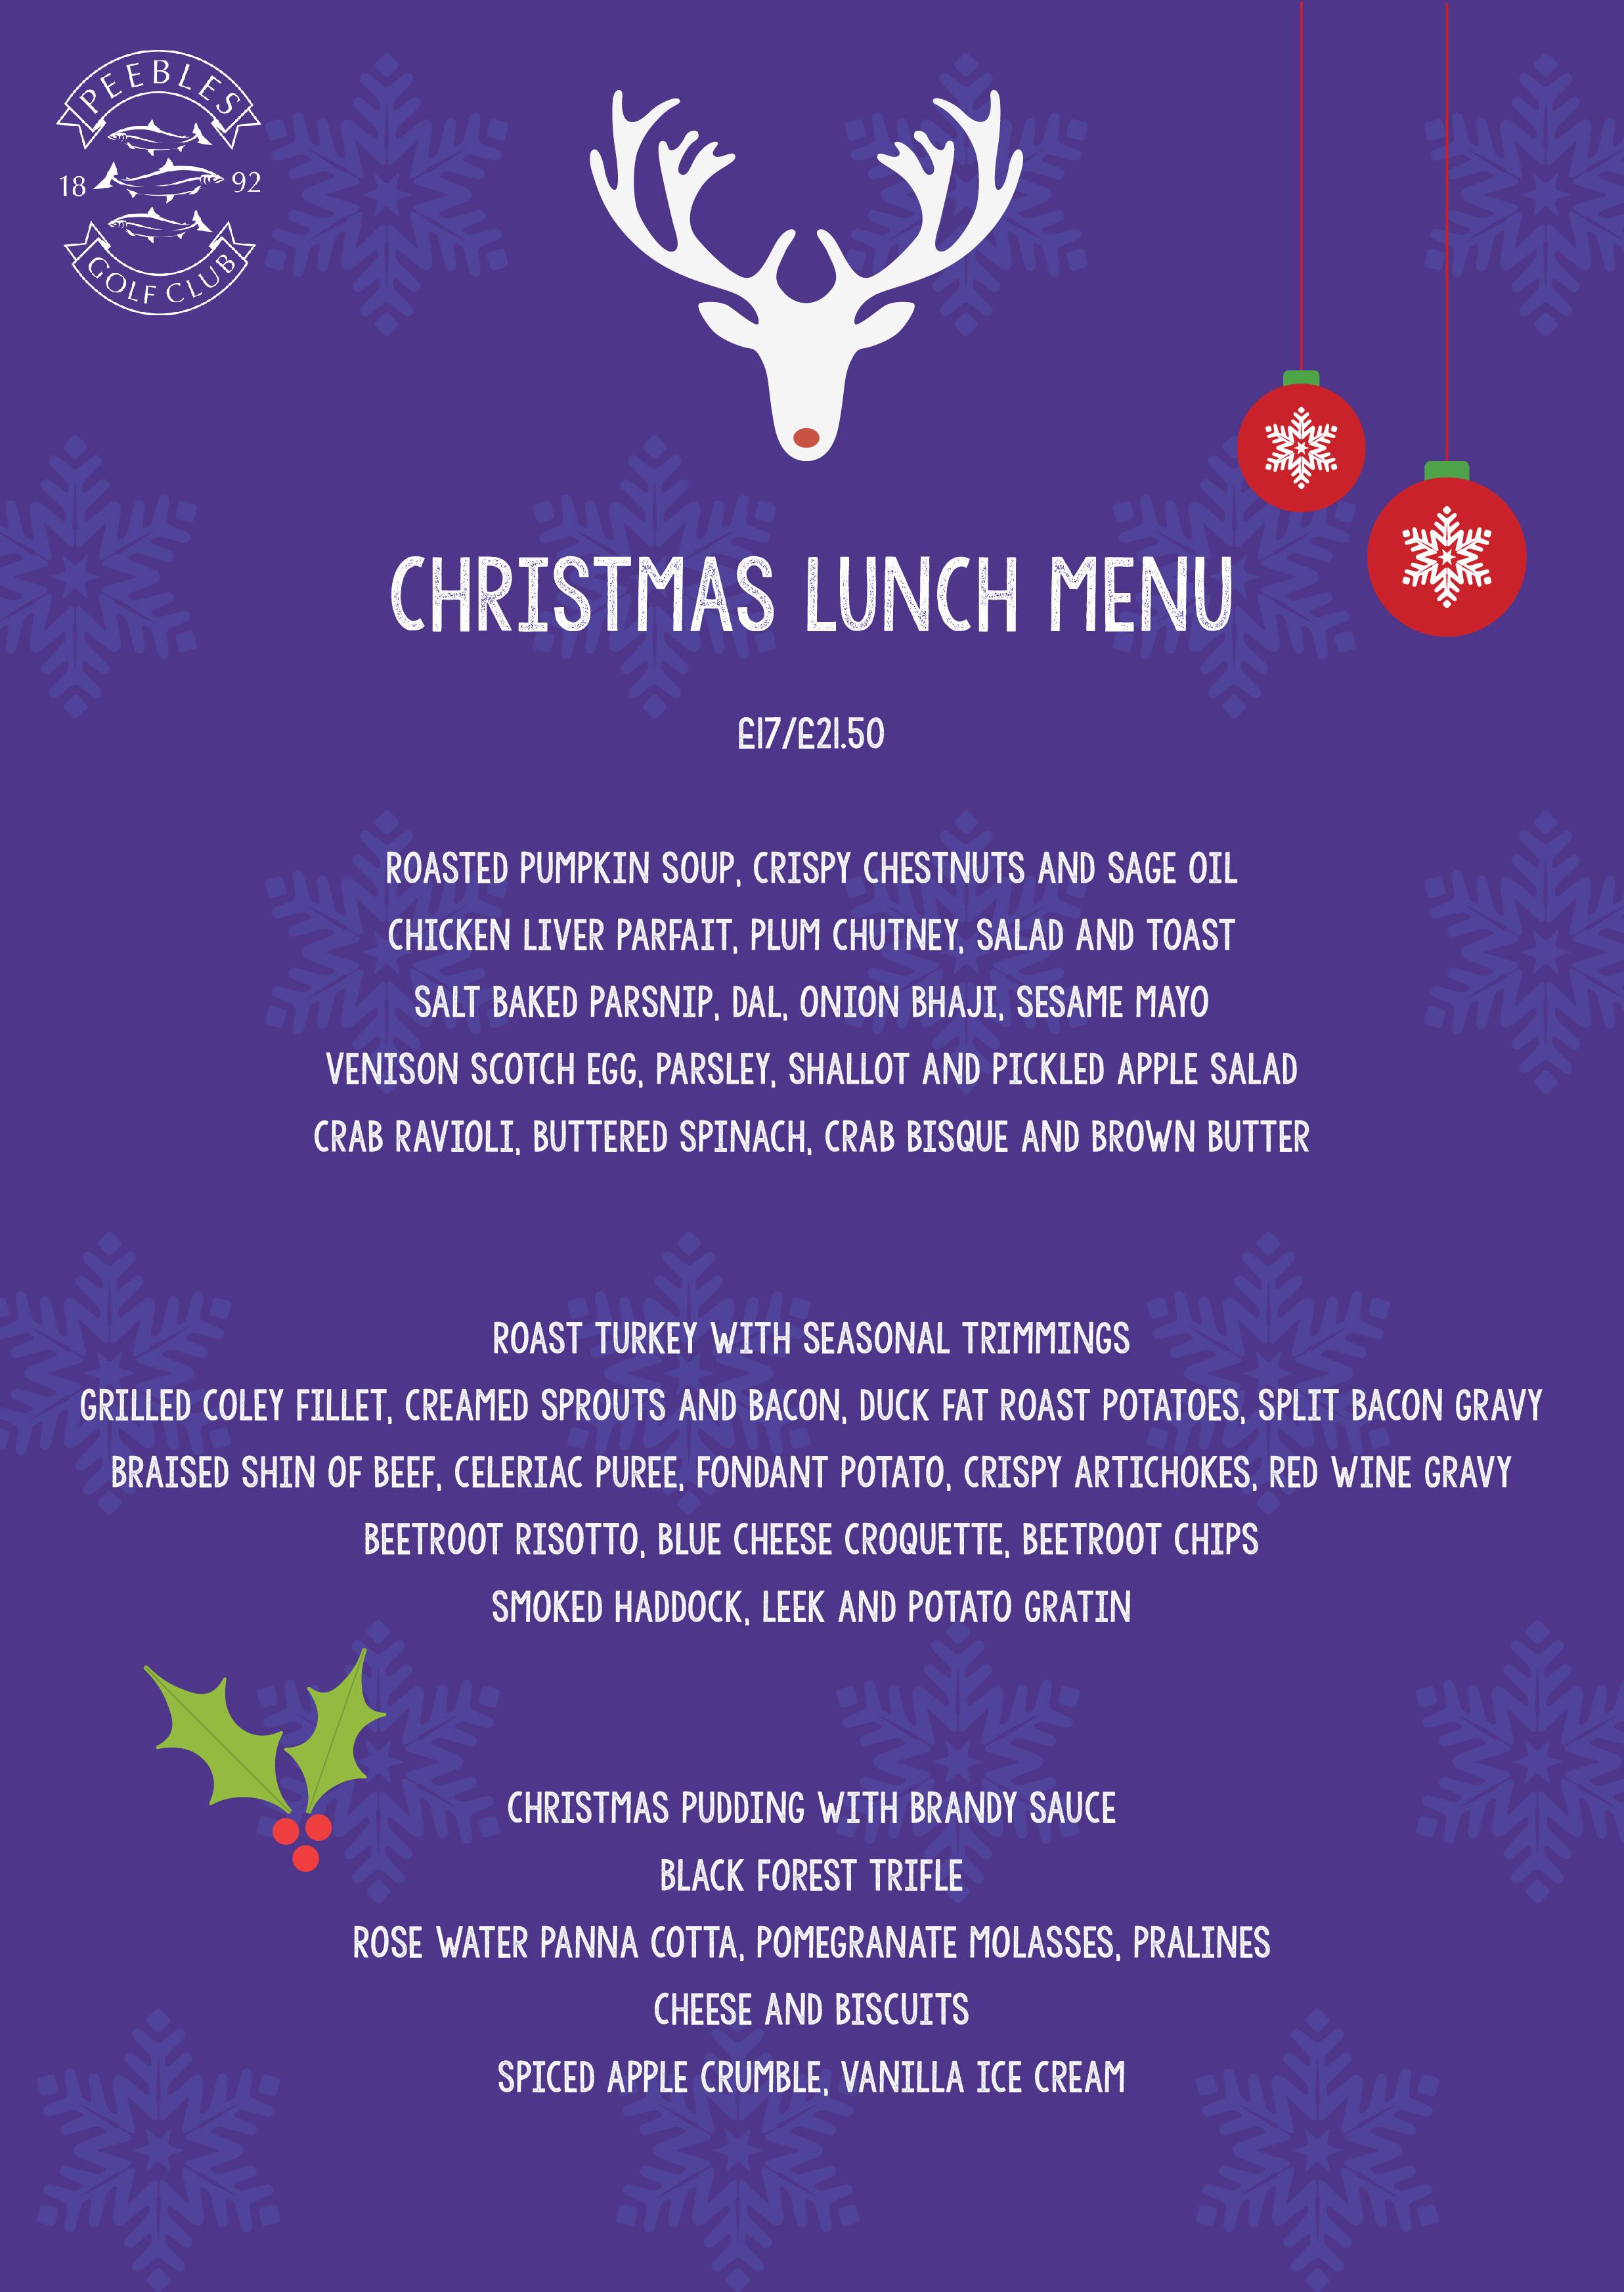 Festive lunch menu